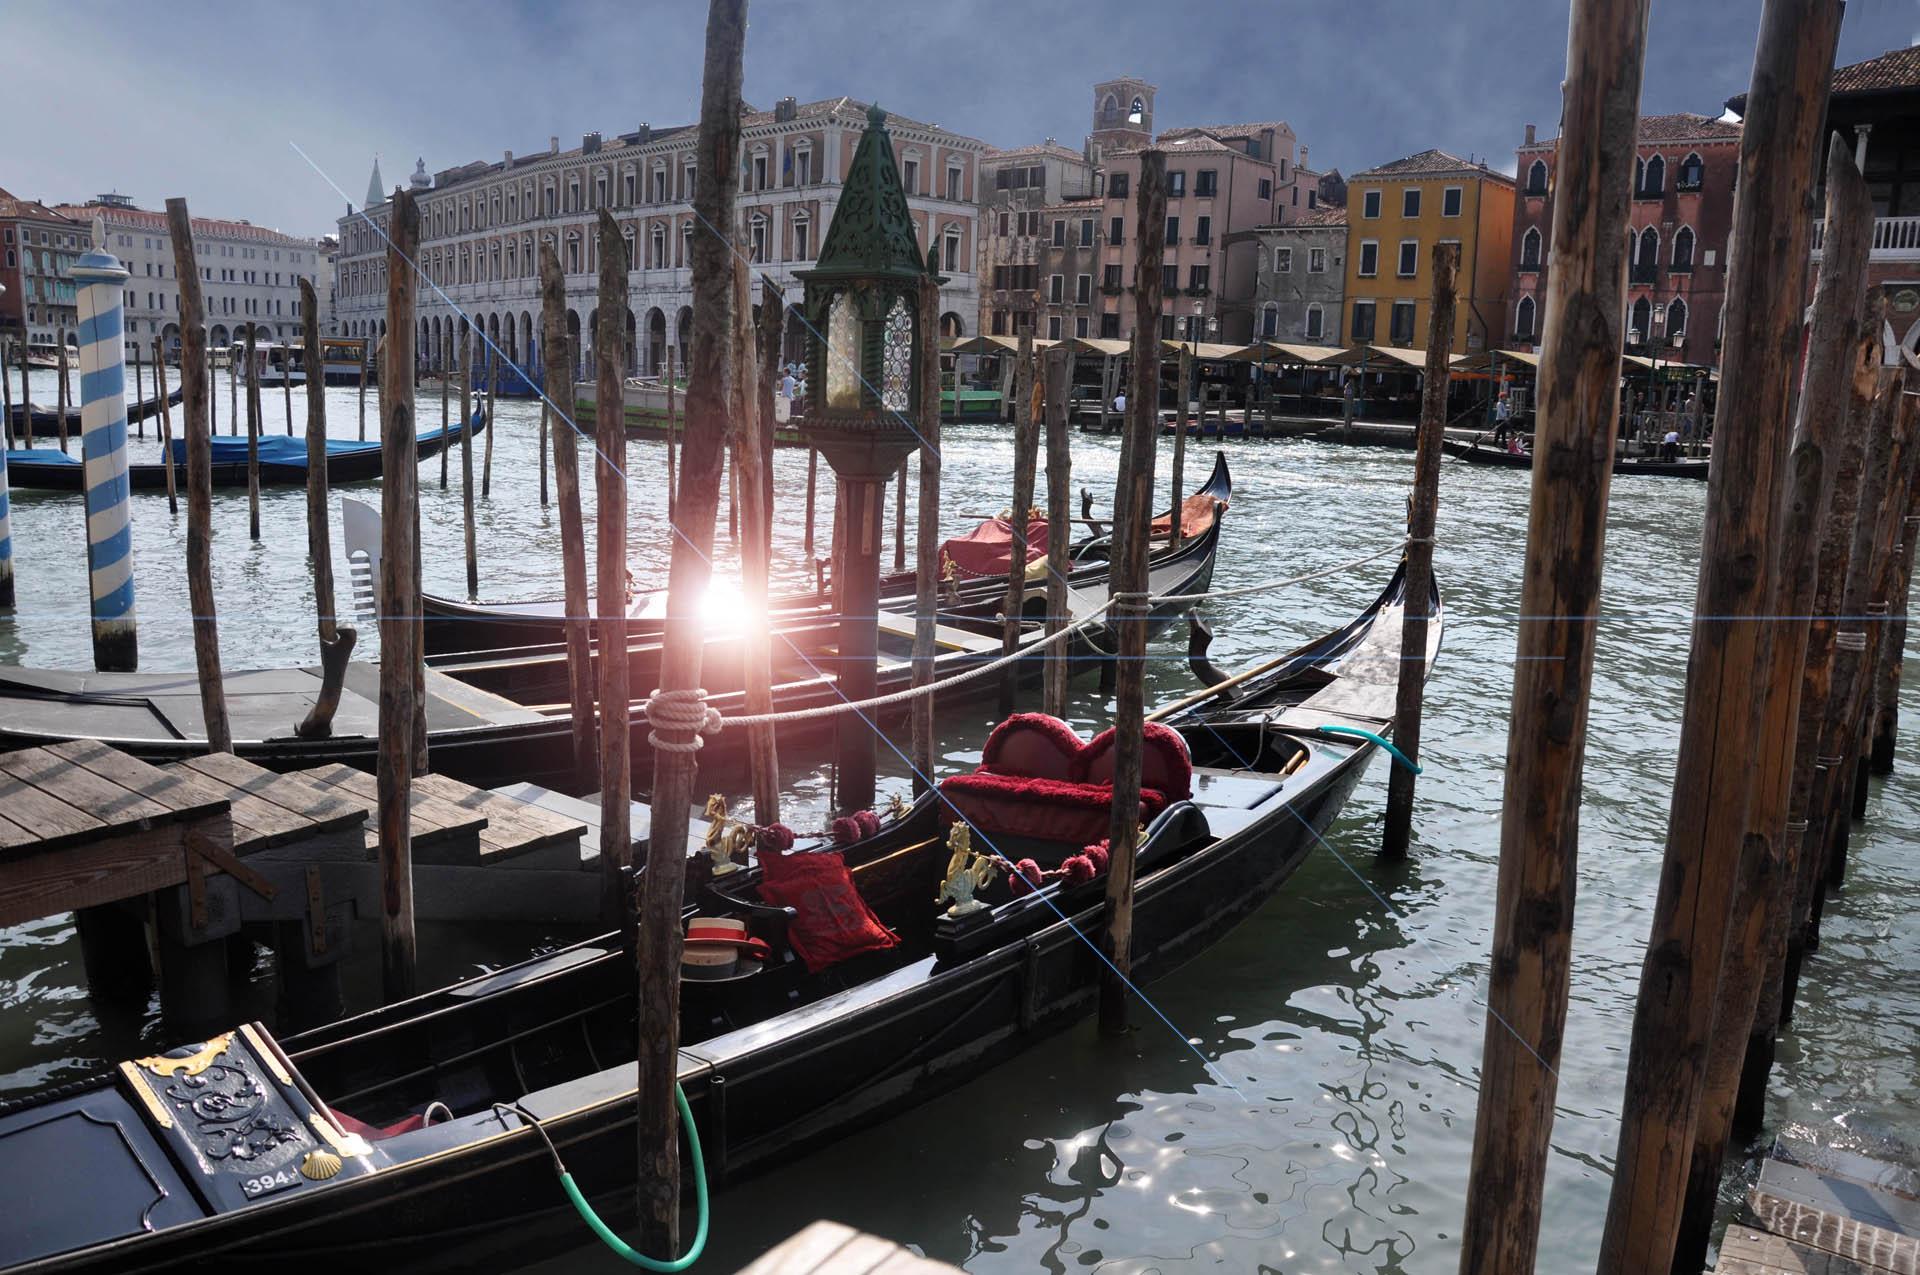 קרנבל המסכות, ונציה, יואל שתרוג